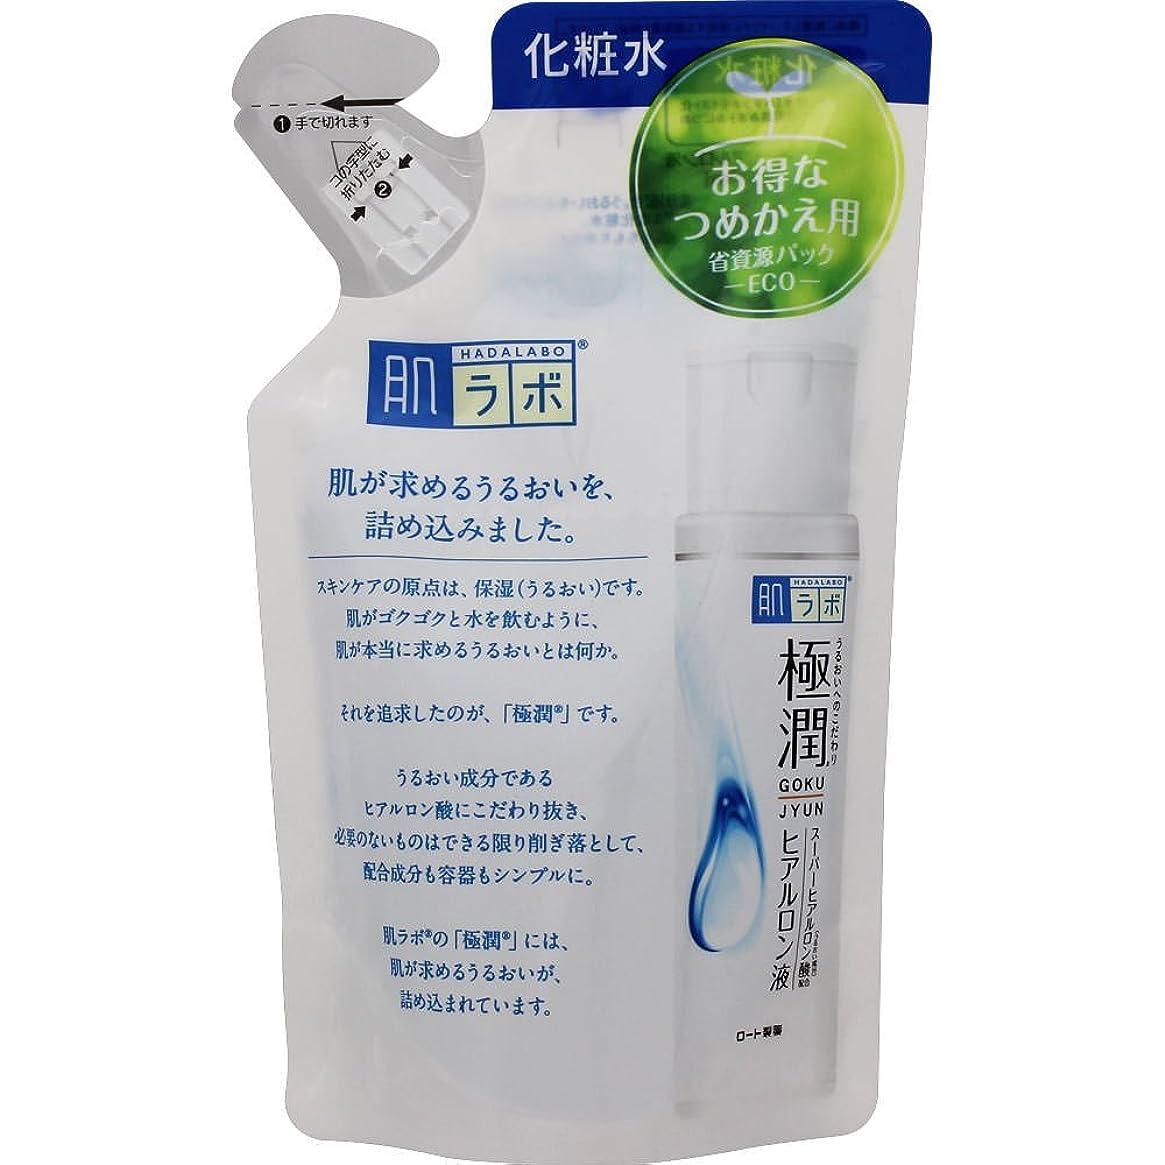 証明書治安判事アベニュー肌ラボ 極潤 ヒアルロン酸 化粧水 ヒアルロン酸3種配合 詰替用 170ml